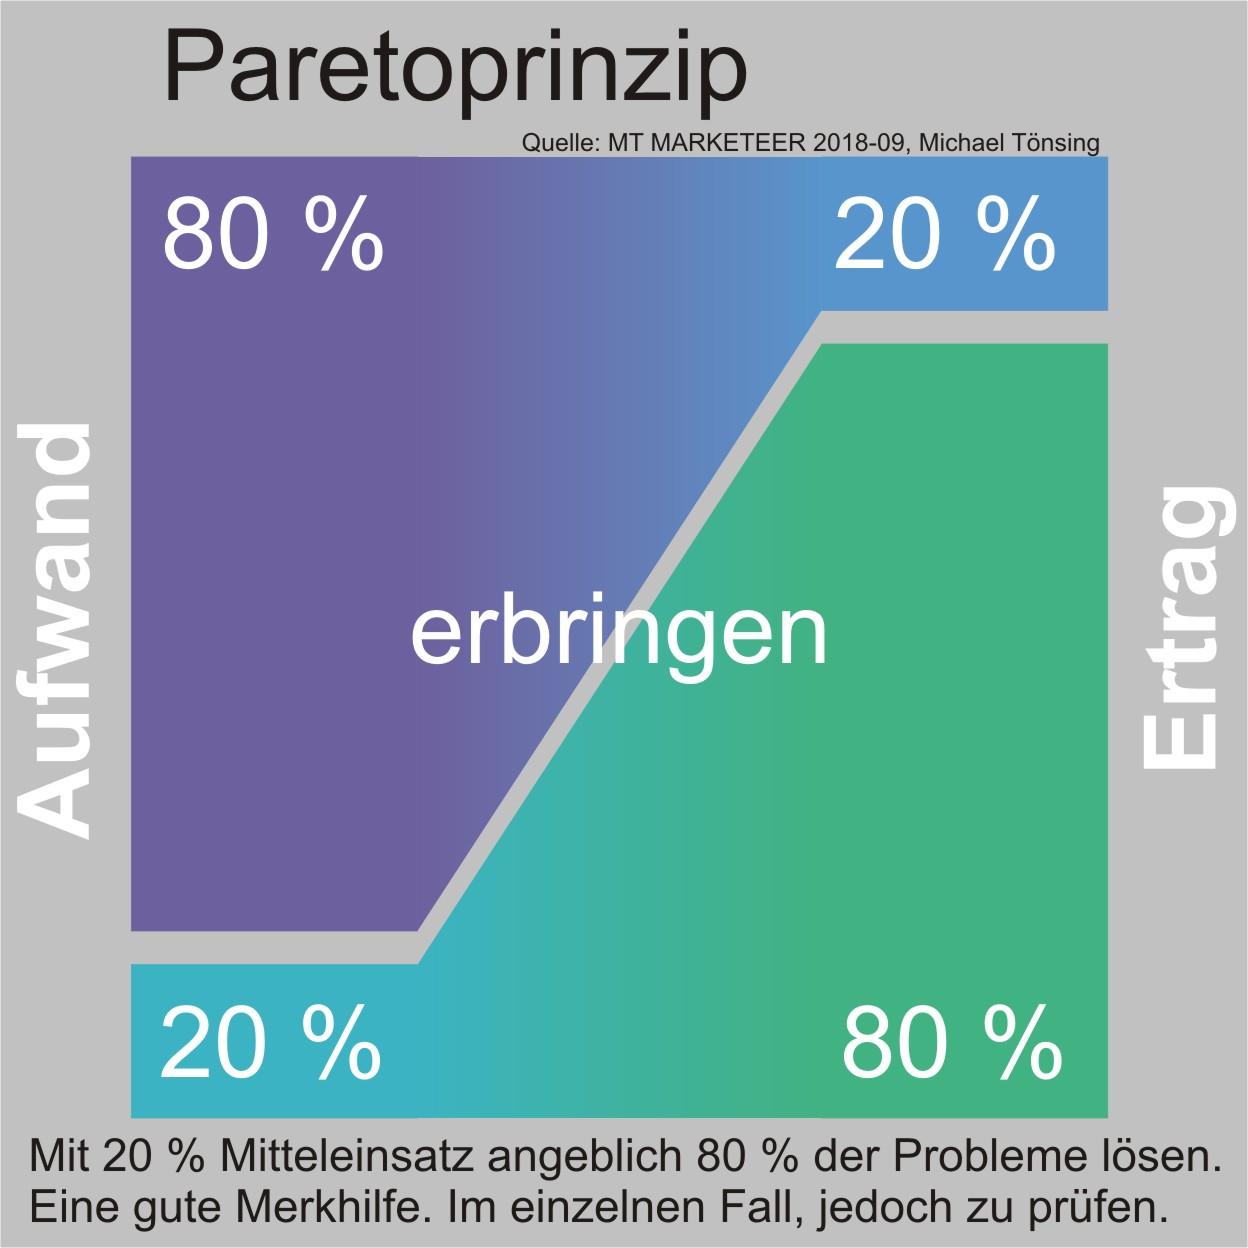 Das Paretoprinzip ist eine Verallgemeinerung von Zusammenhängen. Mit 20 % Mitteleinsatz angeblich 80 % der Probleme lösen. Eine gute Merkhilfe. Im einzelnen Fall, jedoch zu prüfen